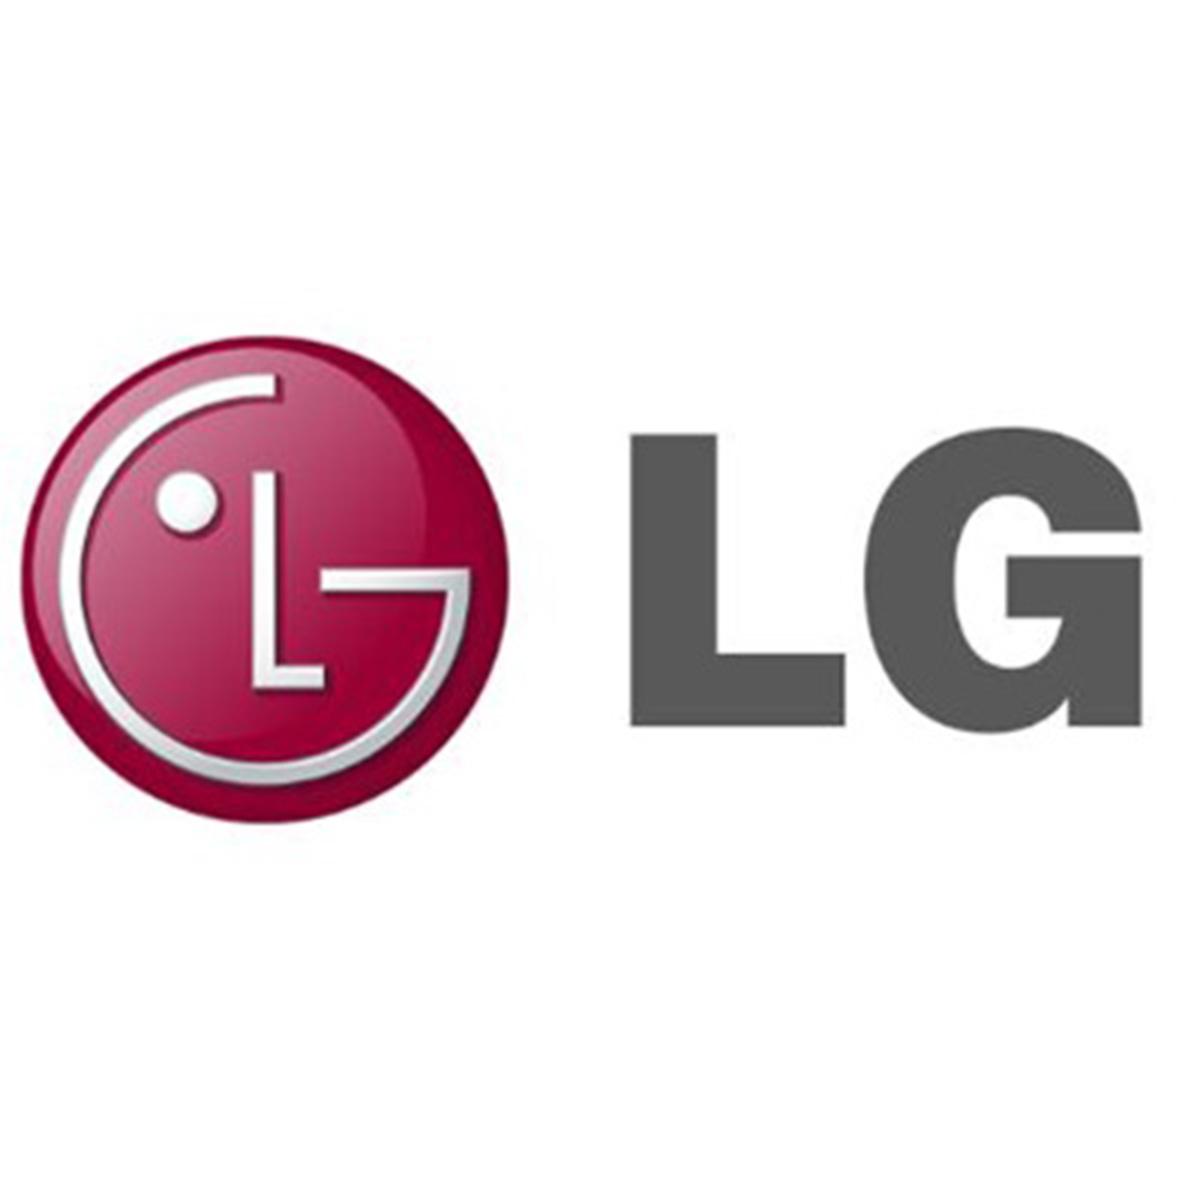 lg-logo-1200